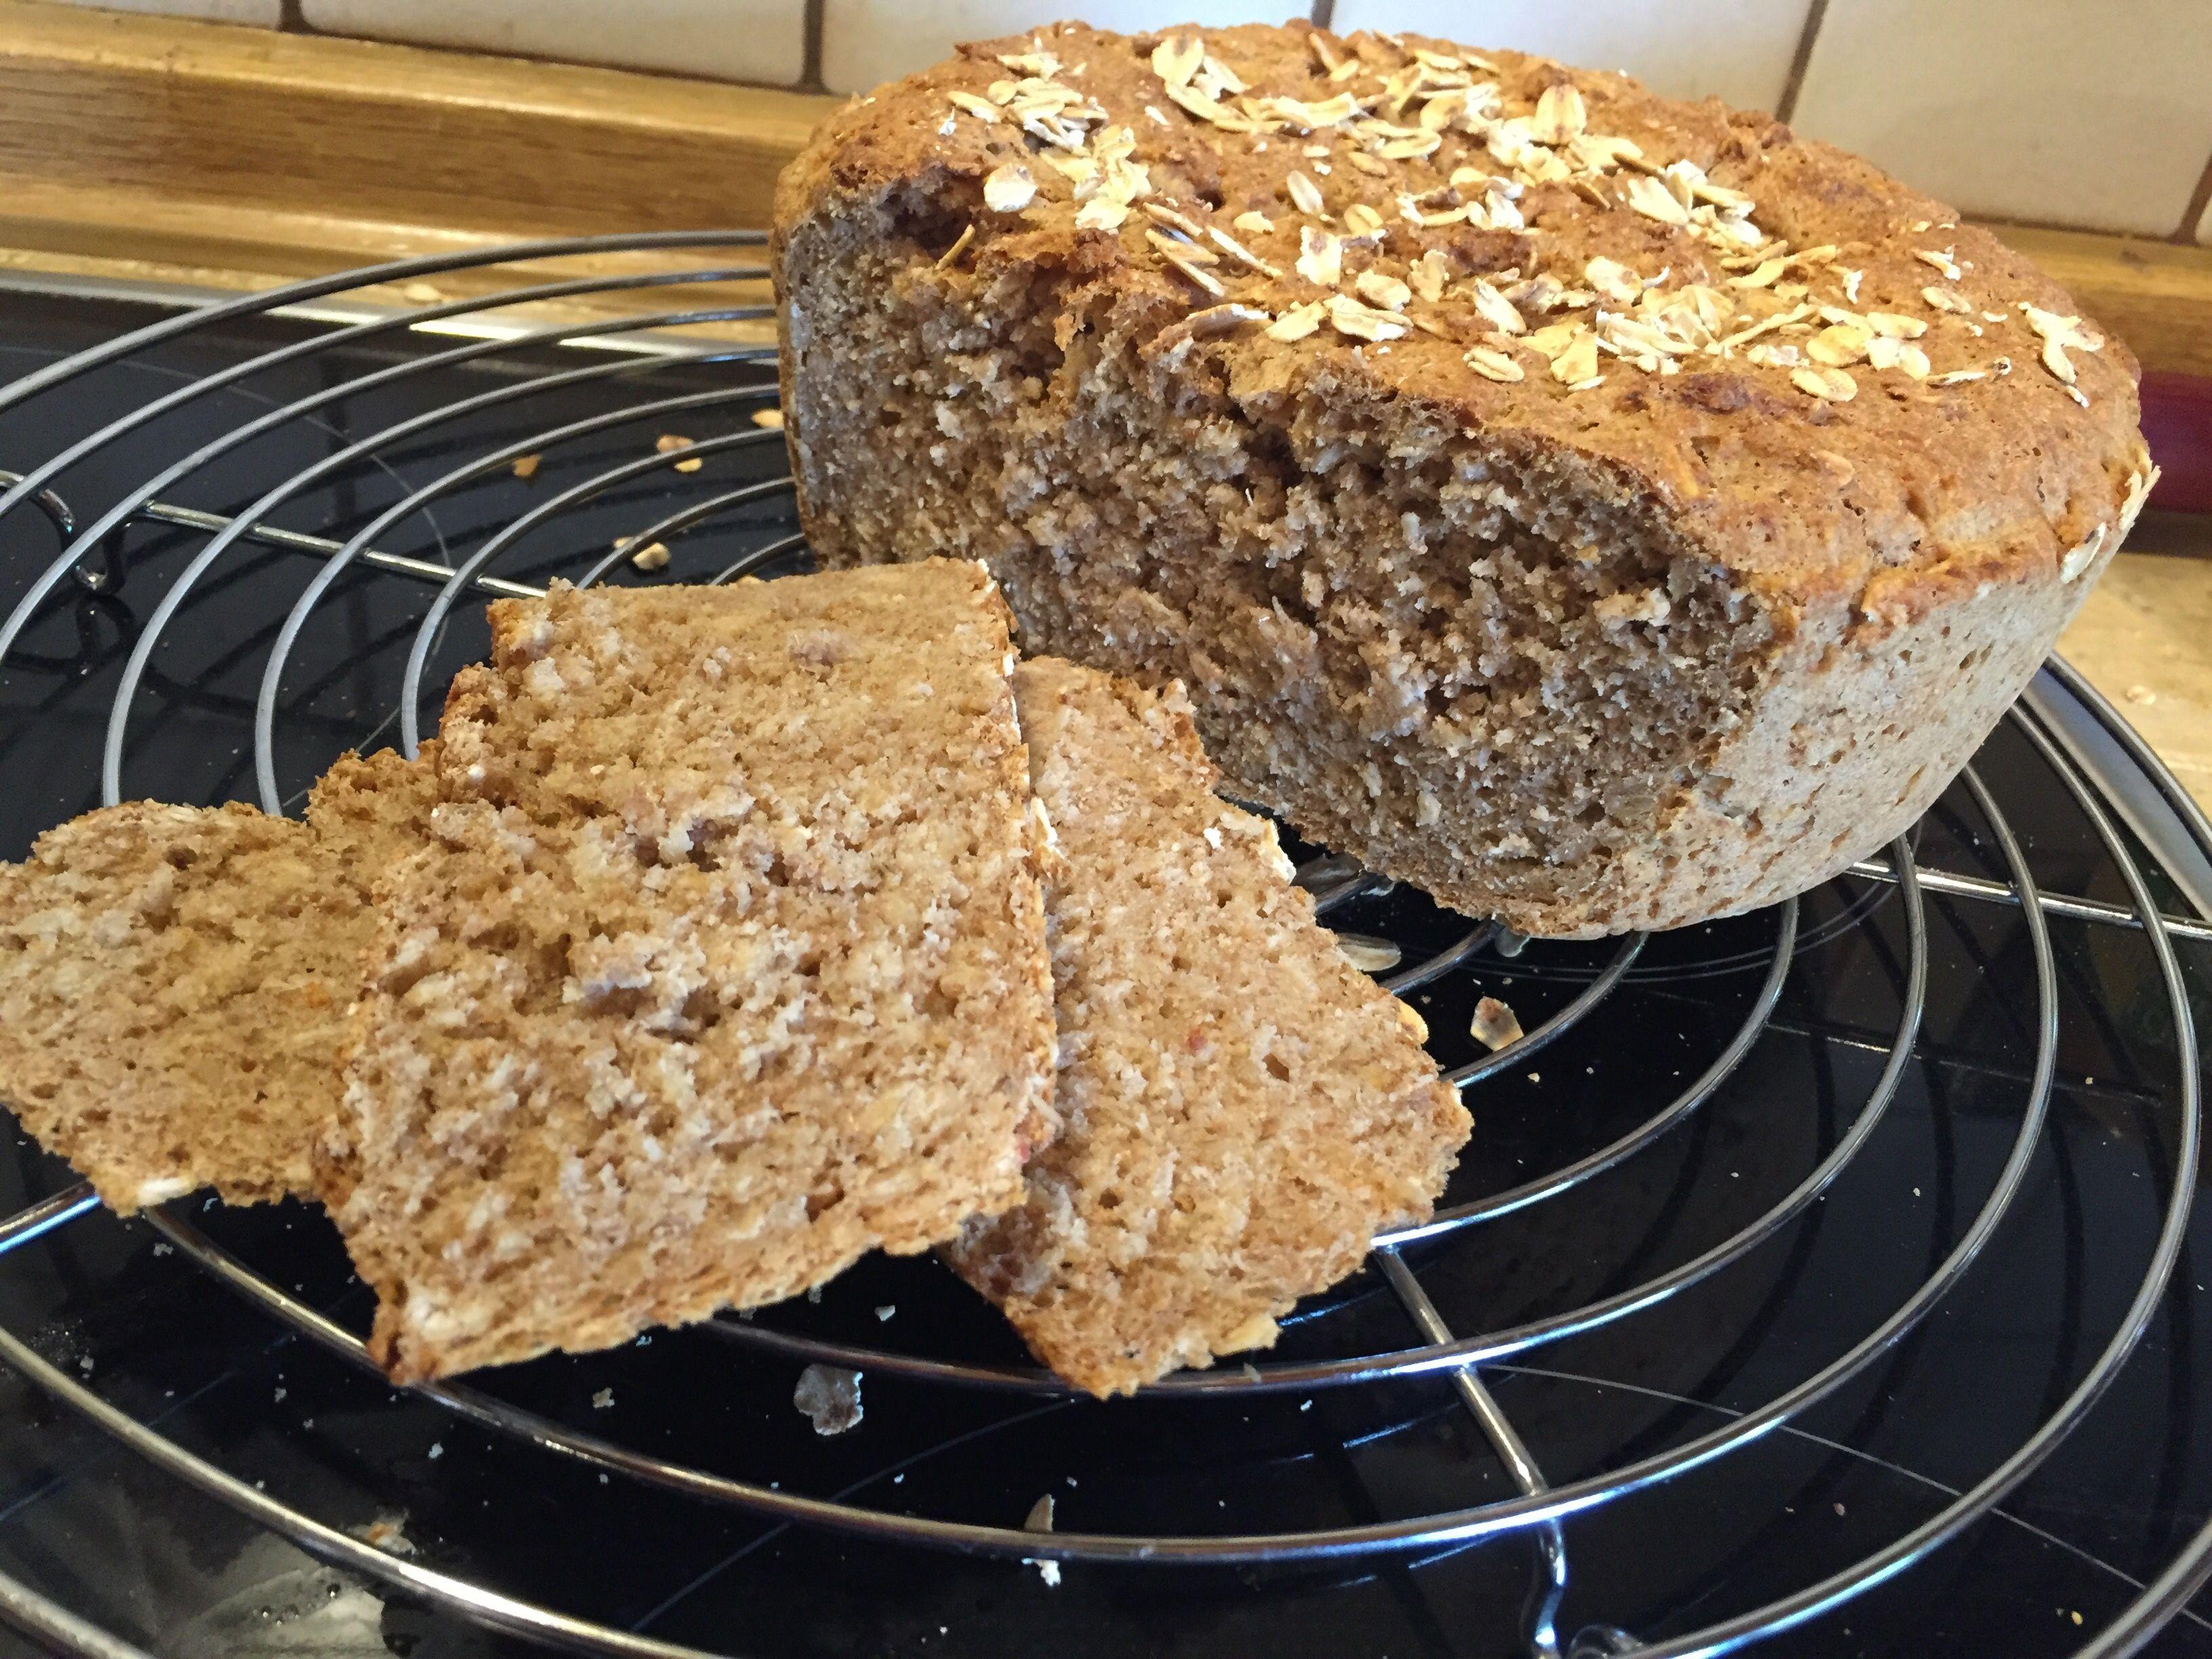 Schon wieder ein Brot aus dem Topf, aber es macht einfach so unglaublich viel Spaß zu experimentieren und die Freude beim Deckel öffnen ist einfach immer unglaublich groß. Dieses Brot ist ein Vollk…